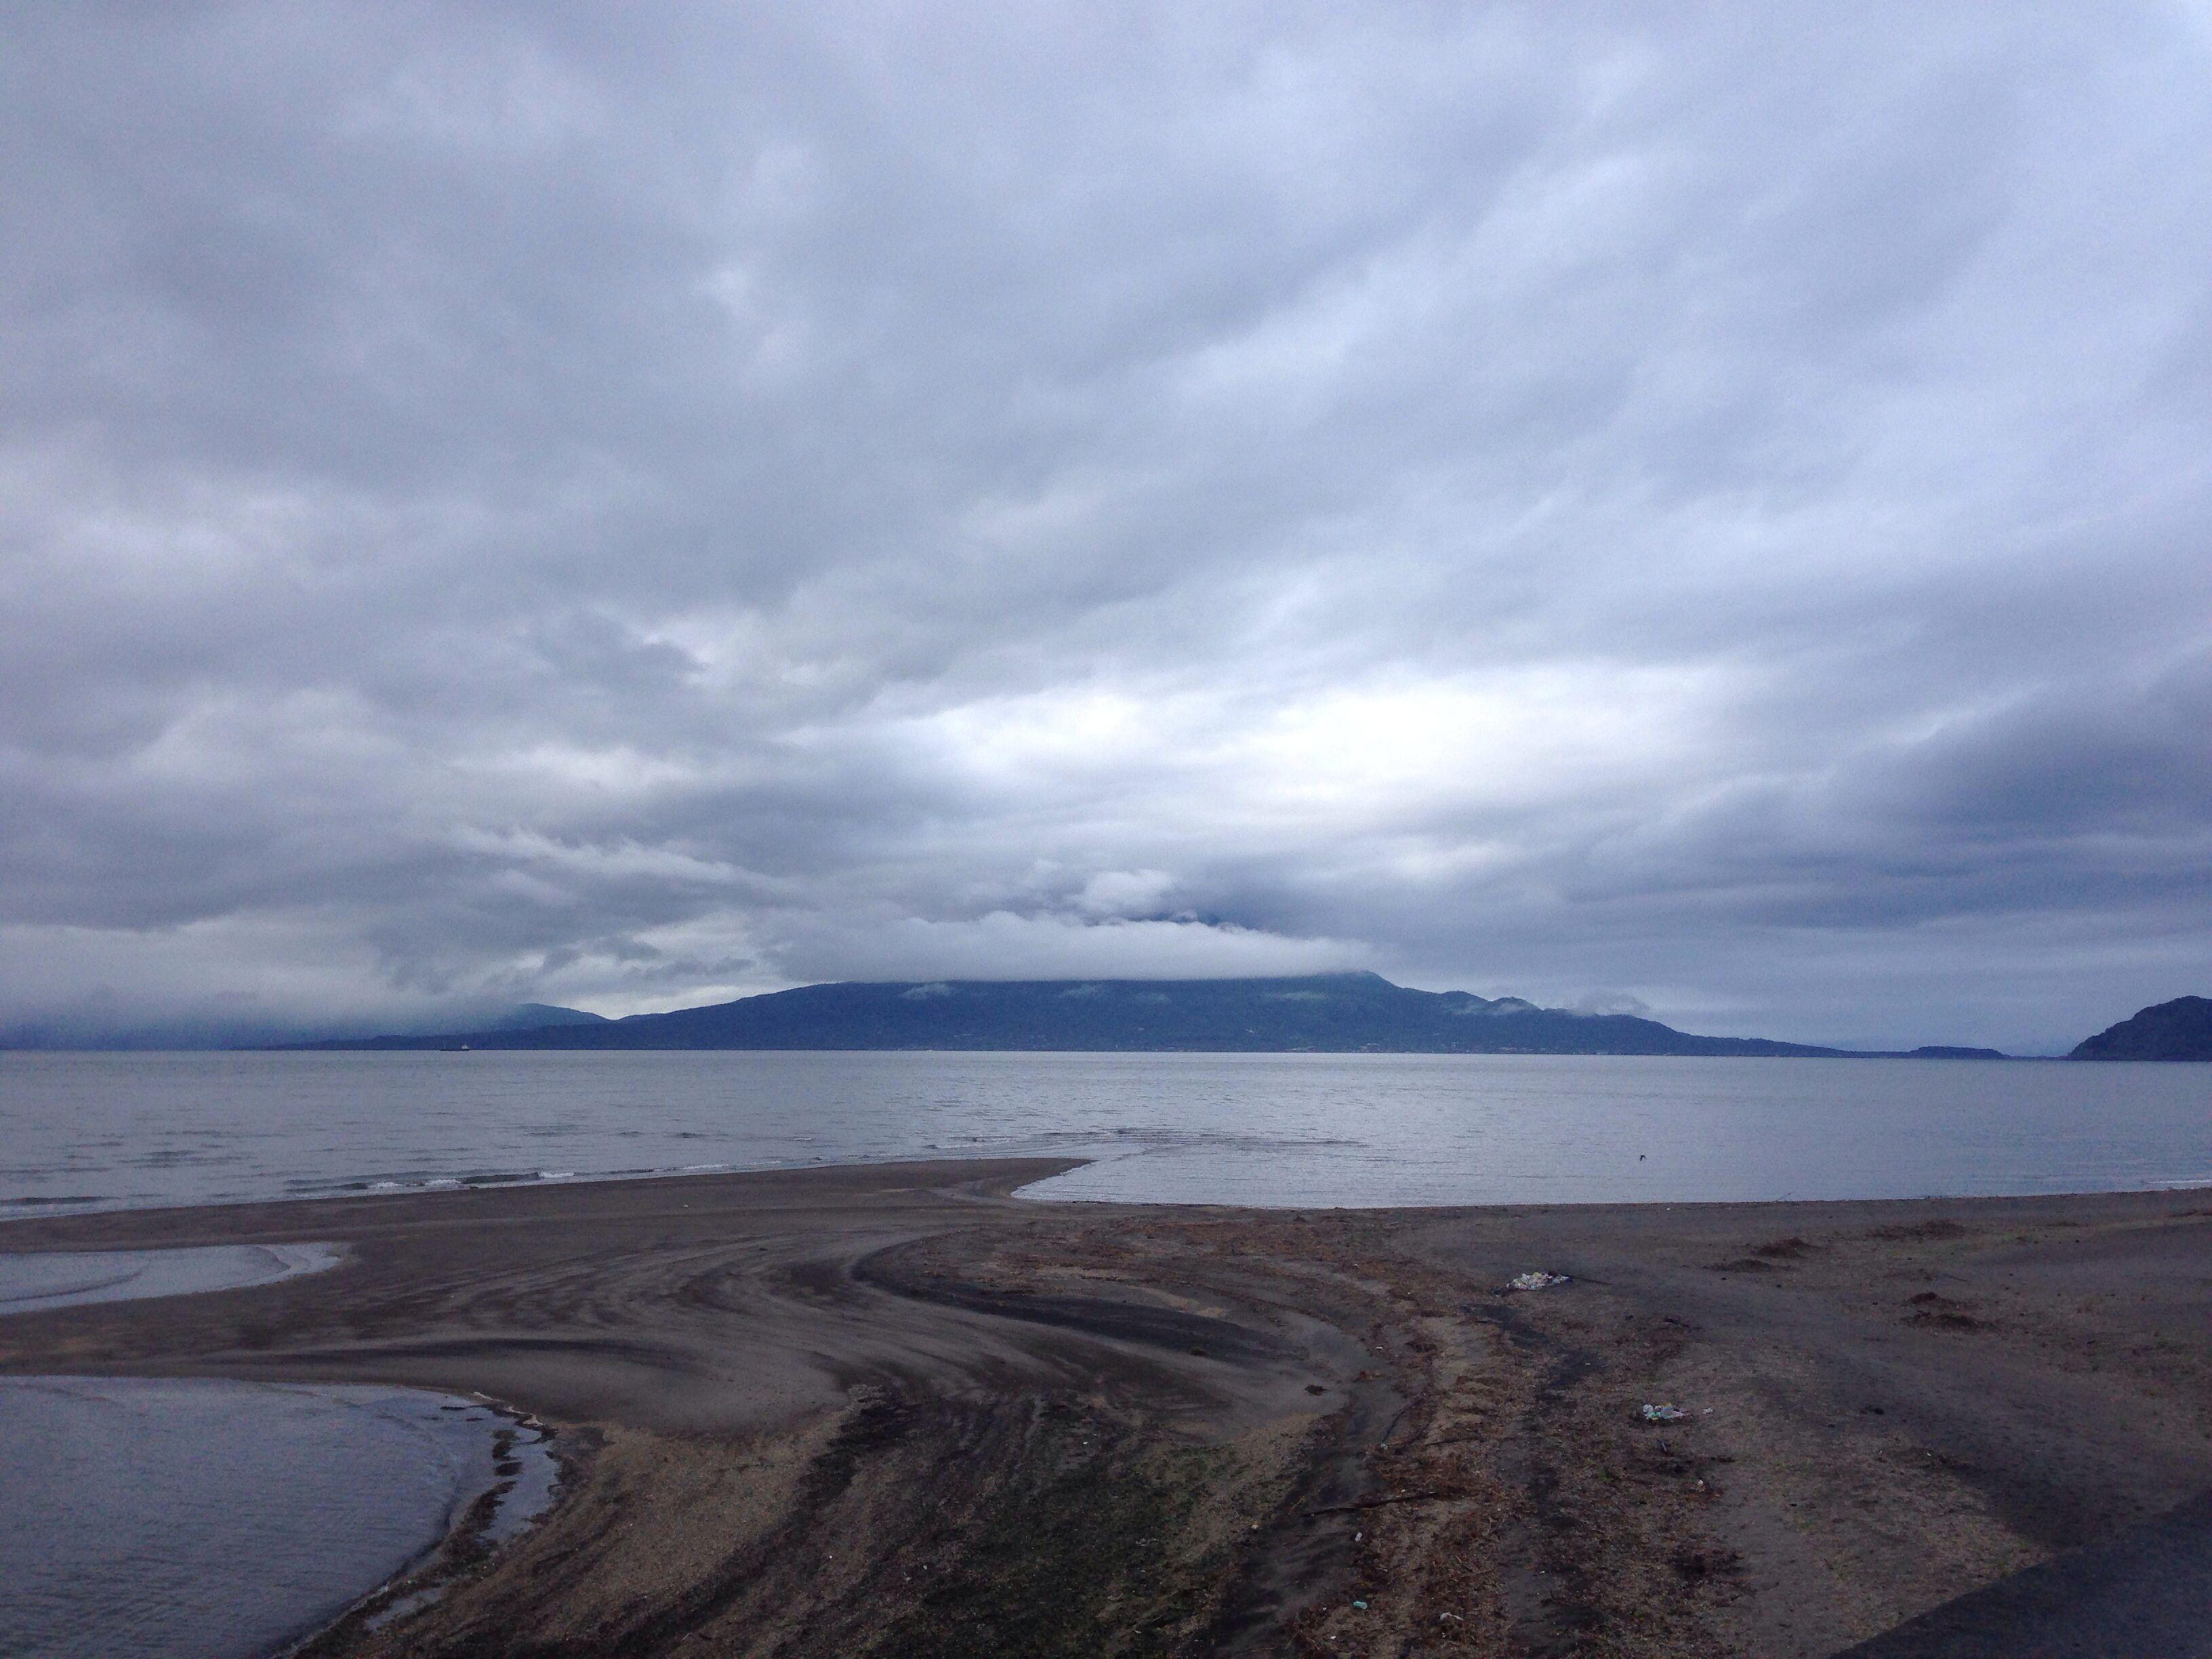 おはようございます(^o^)/  今日の桜島です。  雨の合間に撮影しました。  かなり分厚い雲がかかってますが、回復方向に向かうようです。  昨日はコスタリカに勝ちましたね!遠藤、ナイスシュートでした!  今日も一日、元気に楽しんでいきましょう!